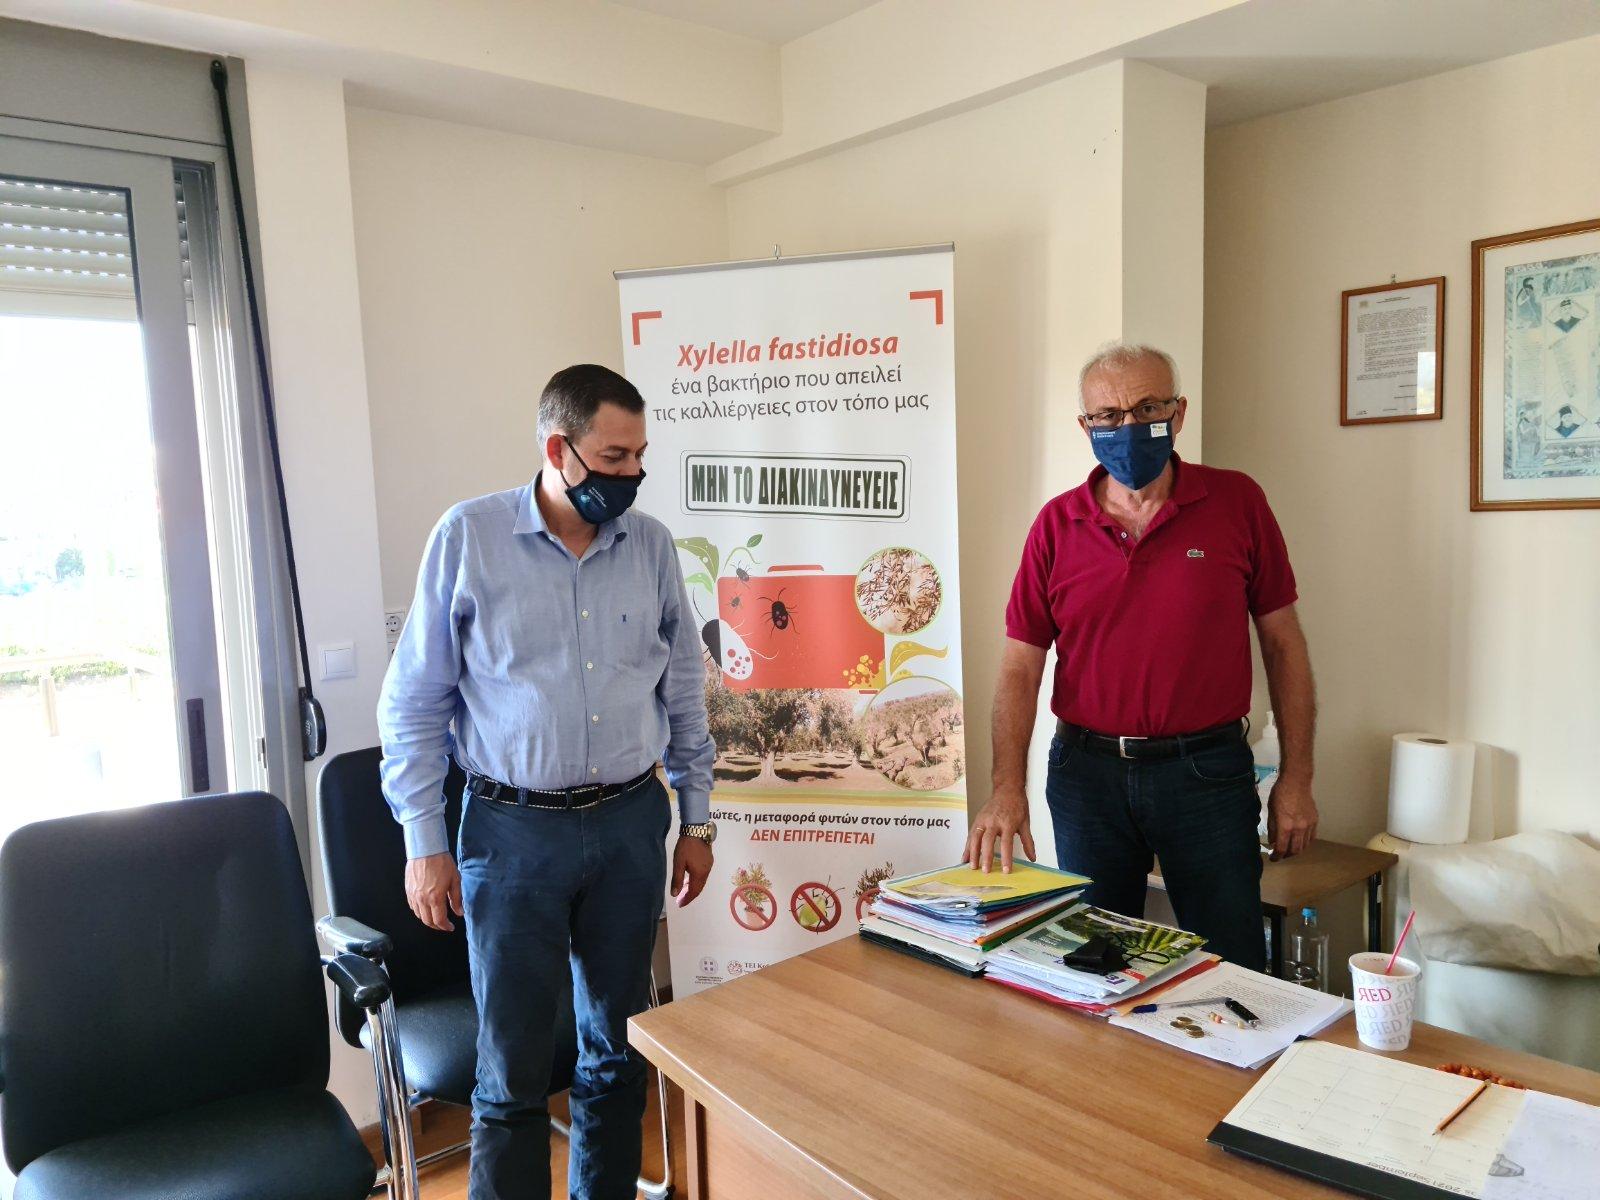 Θ. Βασιλόπουλος: Επίσκεψη στην Κρήτη και συνάντηση με τον ΠεριφερειάρχηΣταύρο Αρναουτάκη για συνέργειες σε διαπεριφερειακό επίπεδο ανάπτυξης τουπρωτογενούςτομέα